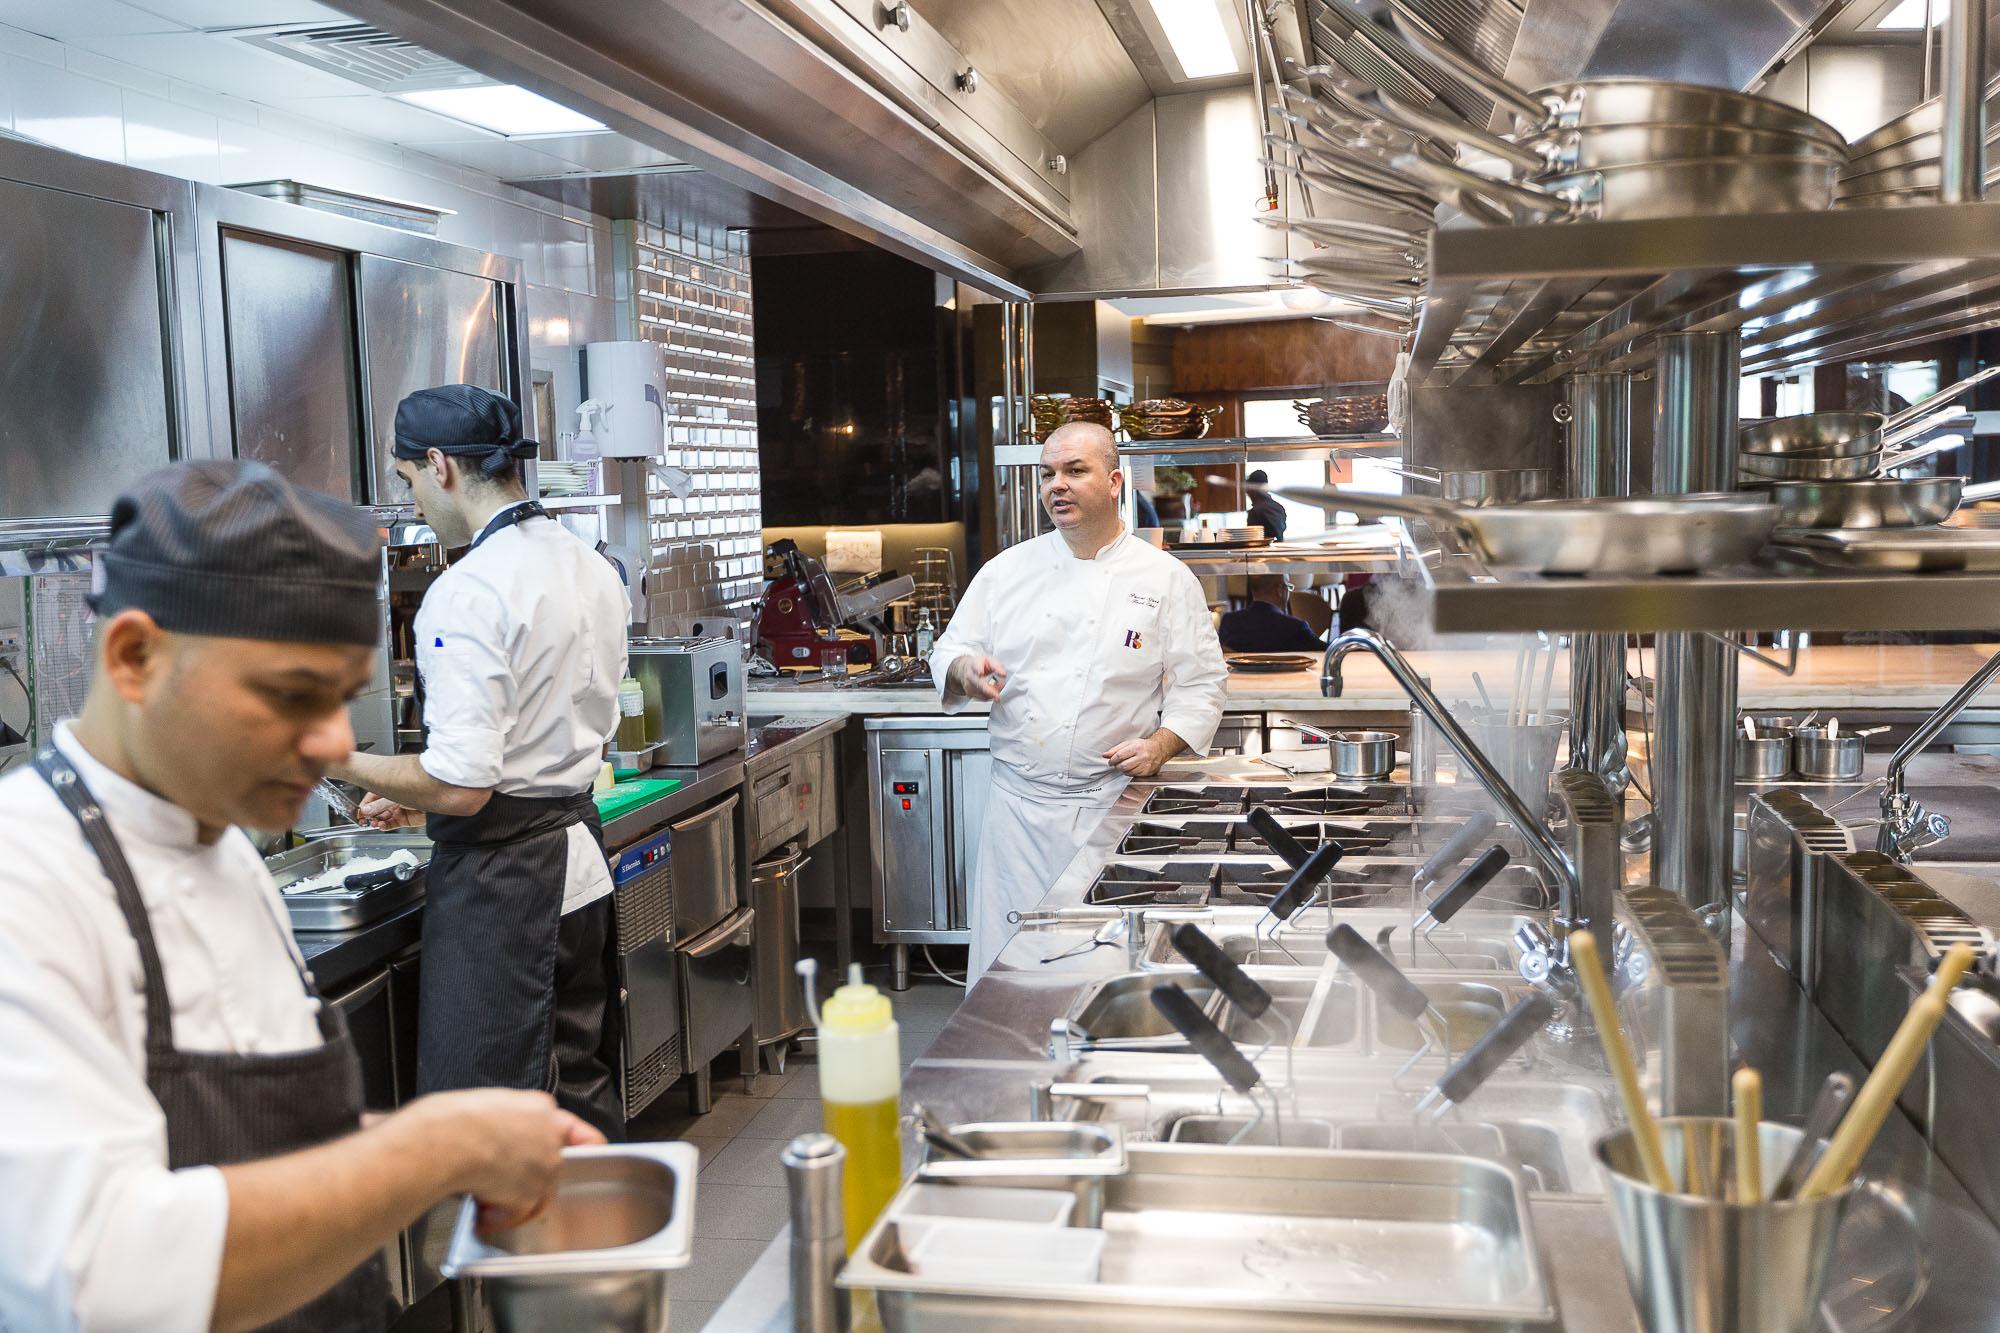 italia_kitchen_robertos_abu_dhabi_22